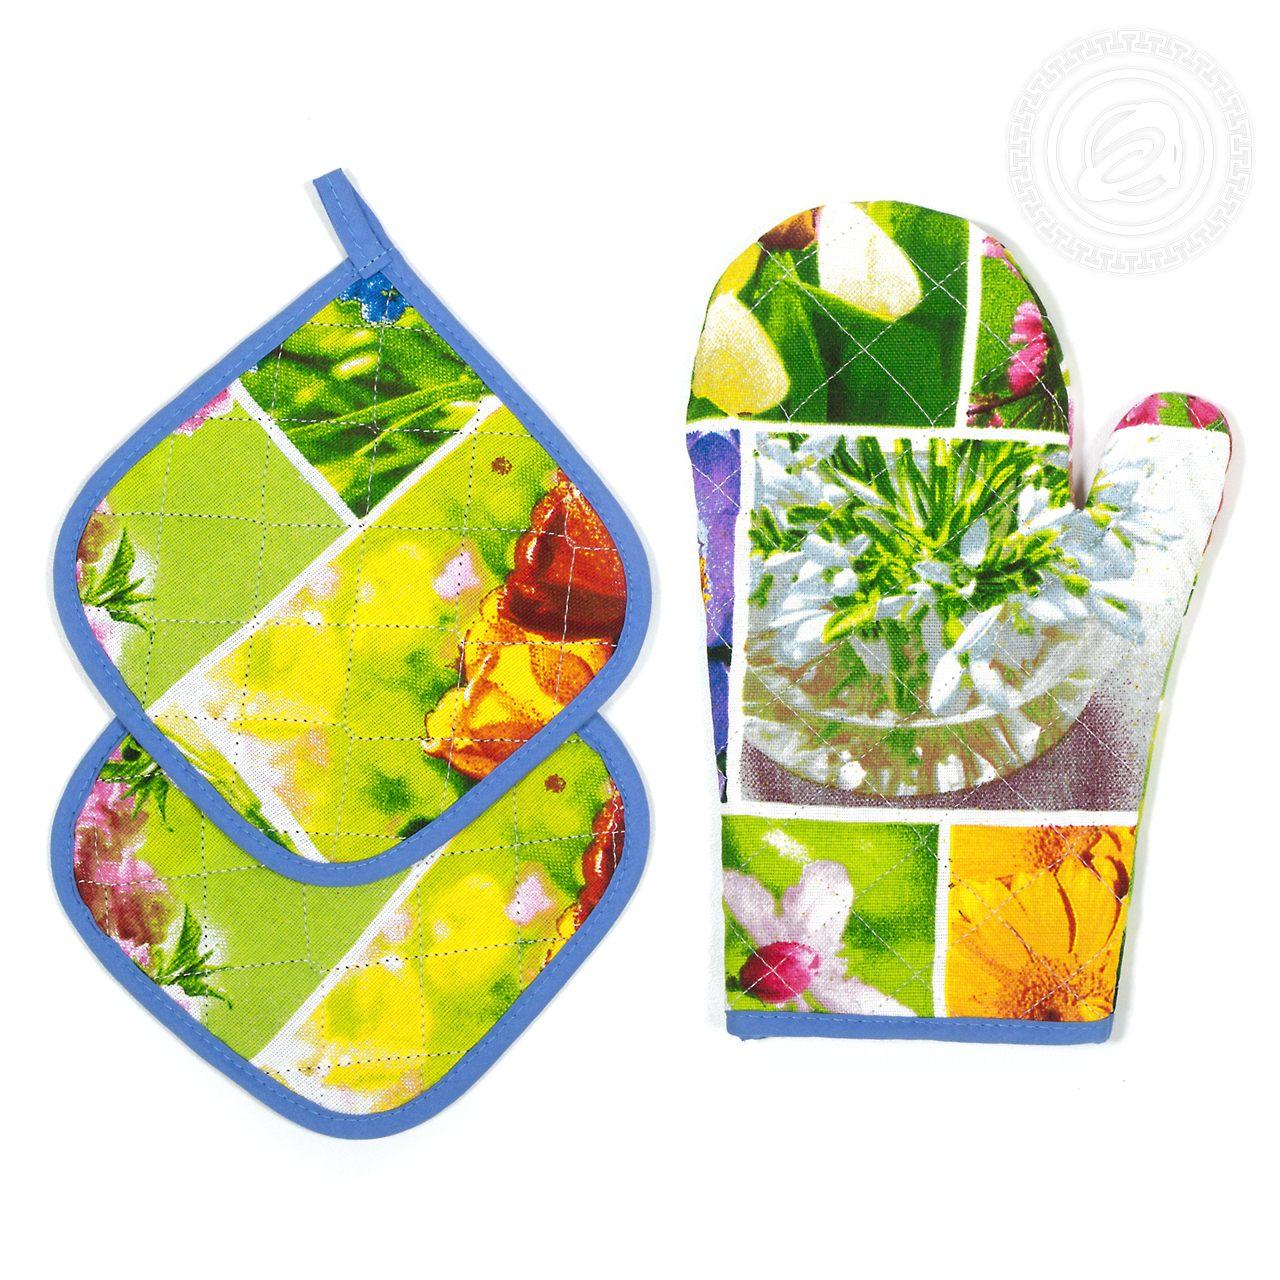 """Кухонные принадлежности """"Первоцветы"""" Зеленый р. 3 пред. — Первоцветы Зеленый"""